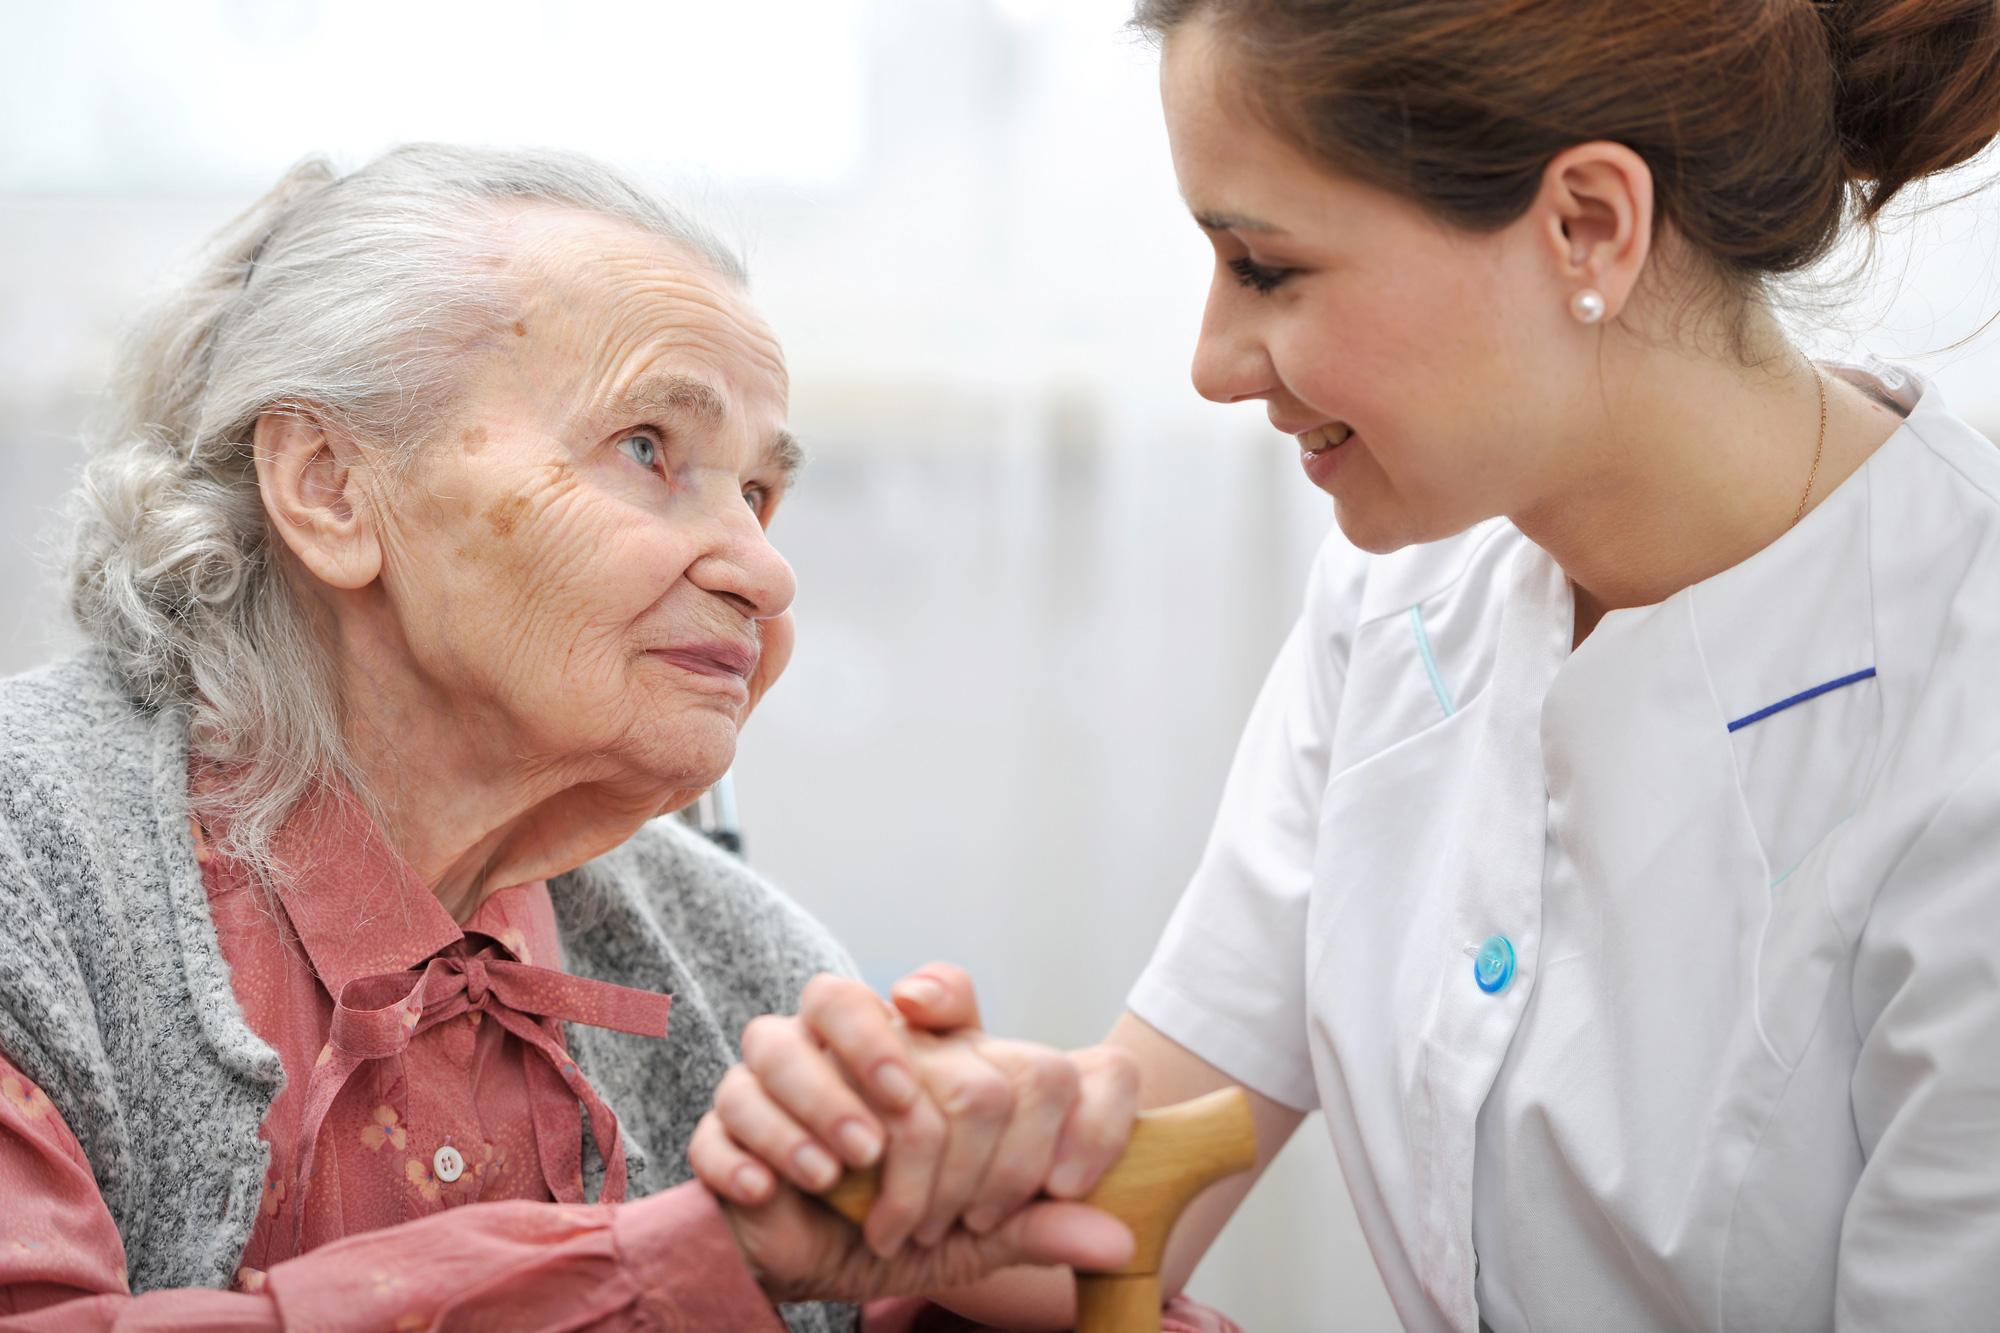 خطراتی که سلامتی سالمندان را تهدید می کنند